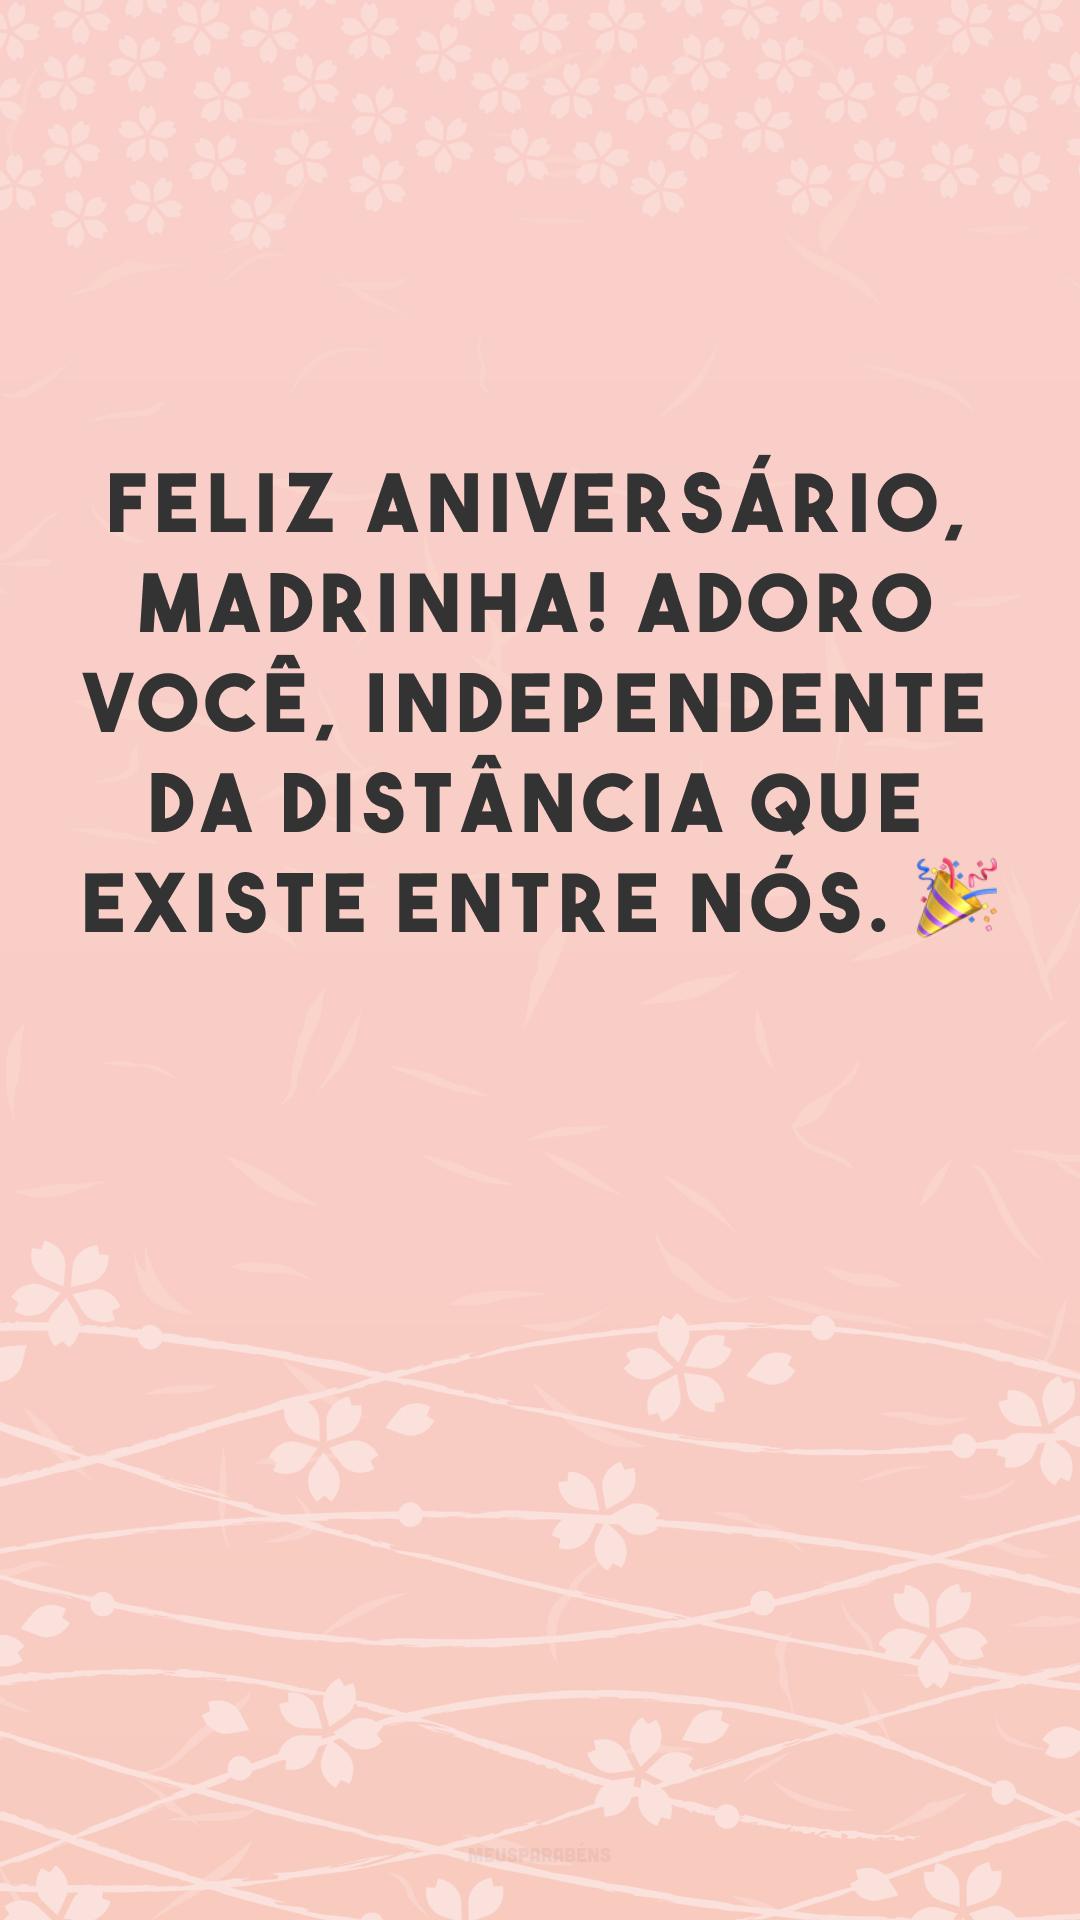 Feliz aniversário, madrinha! Adoro você, independente da distância que existe entre nós. 🎉